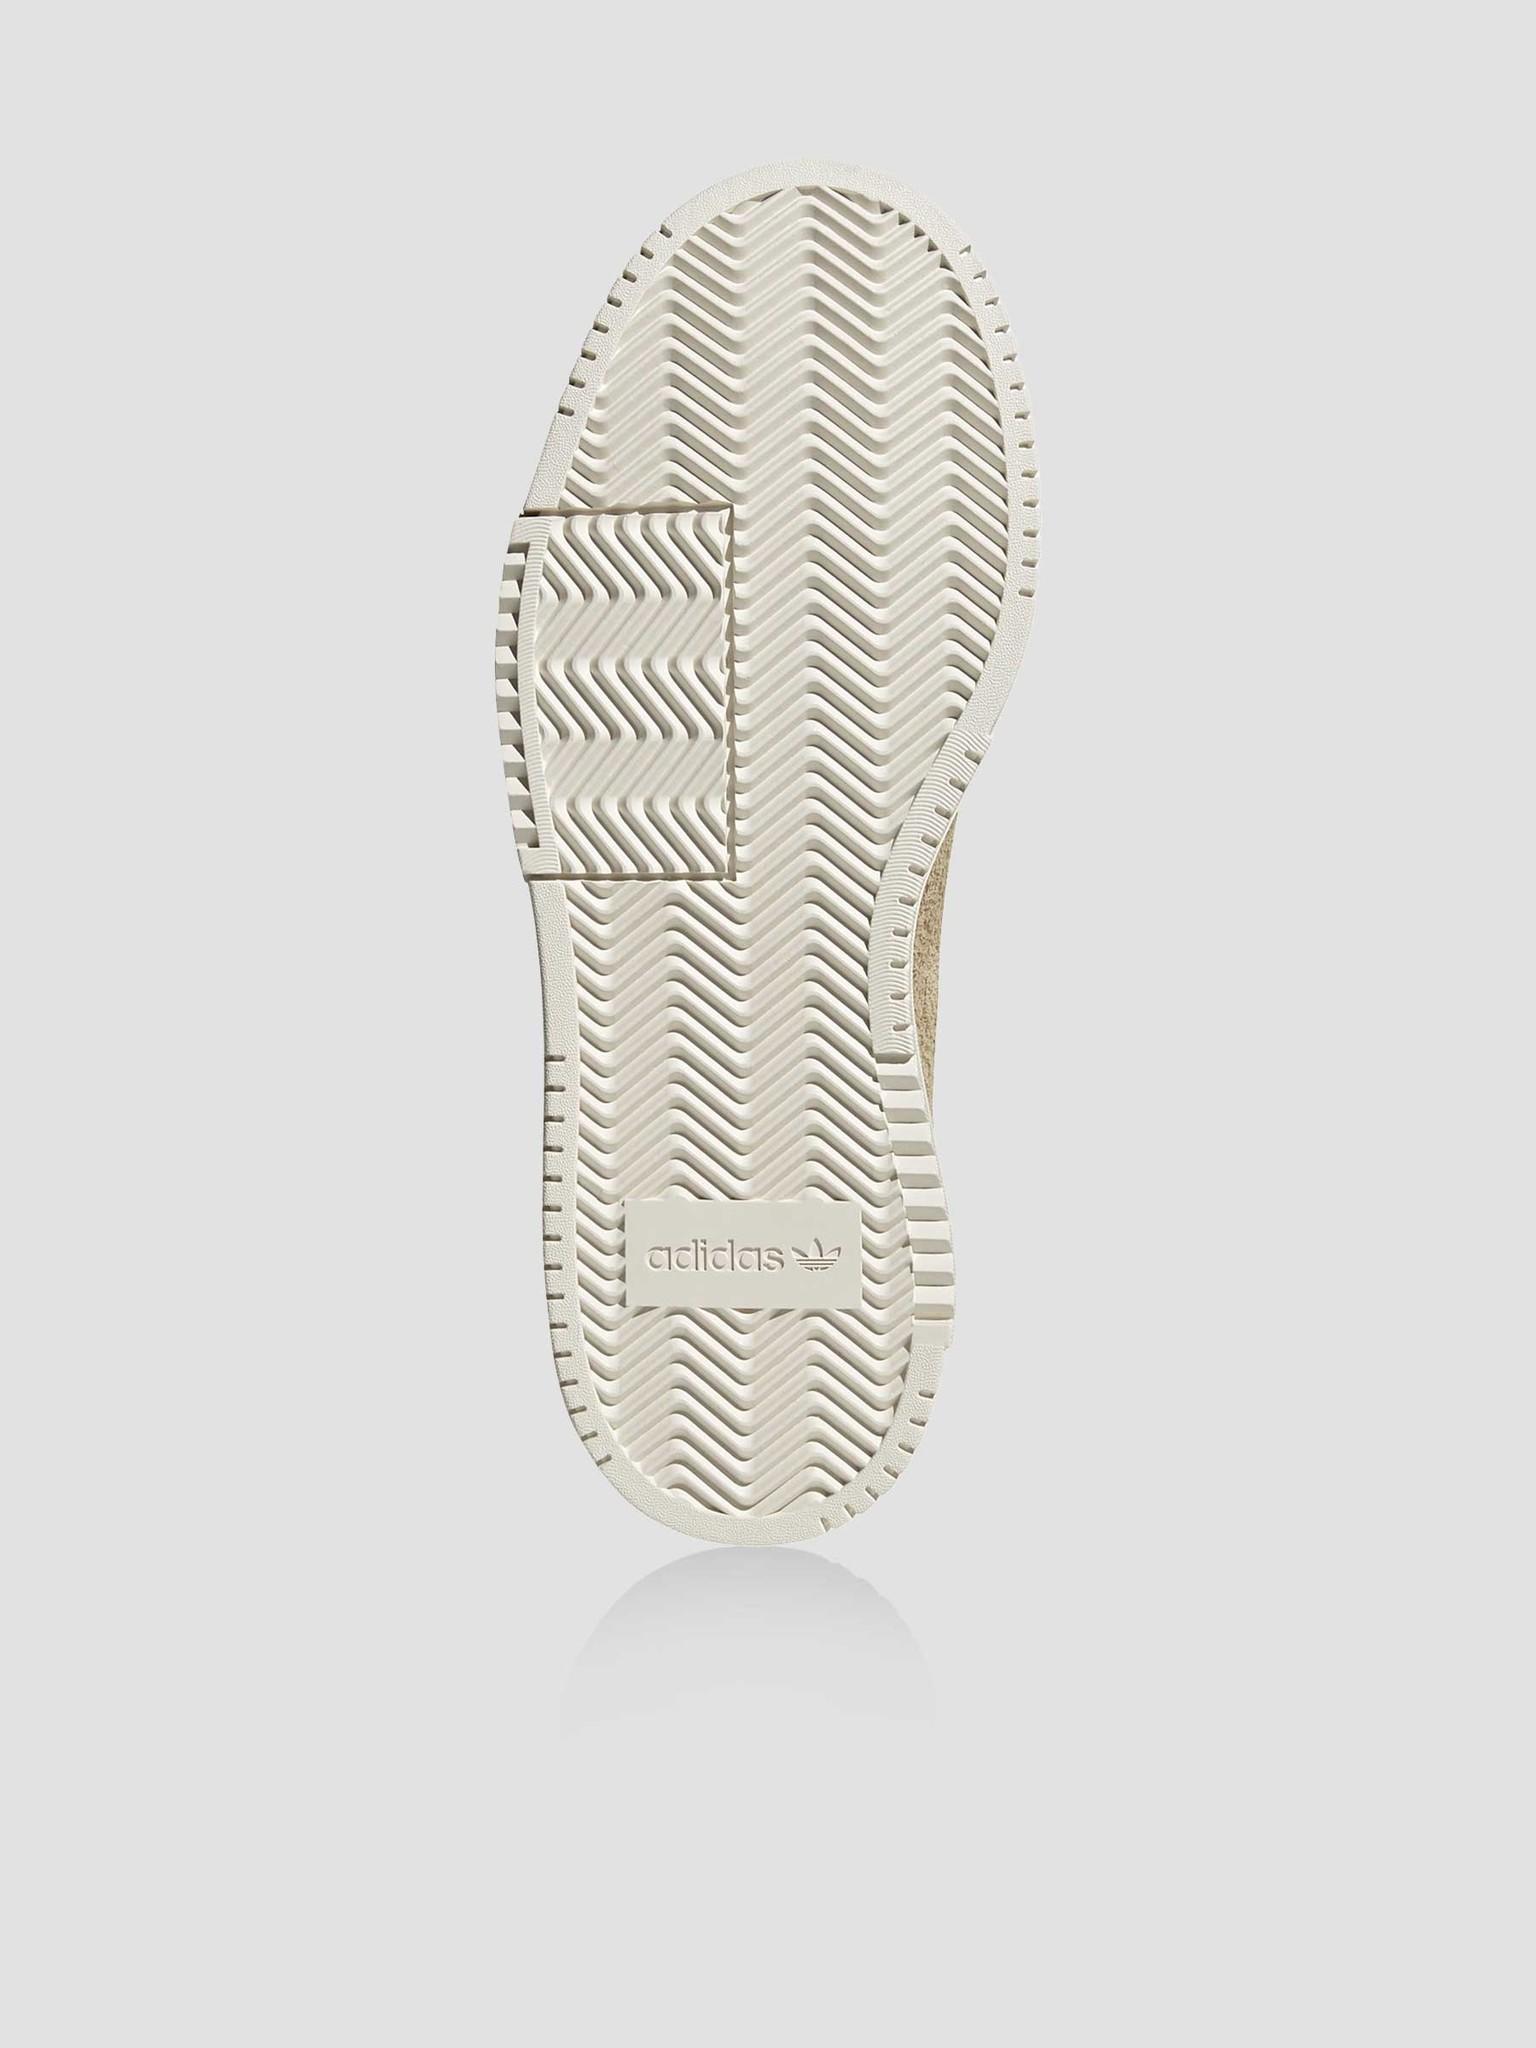 adidas adidas Supercourt Premium Savanne Goldmt Corewhite FX5728